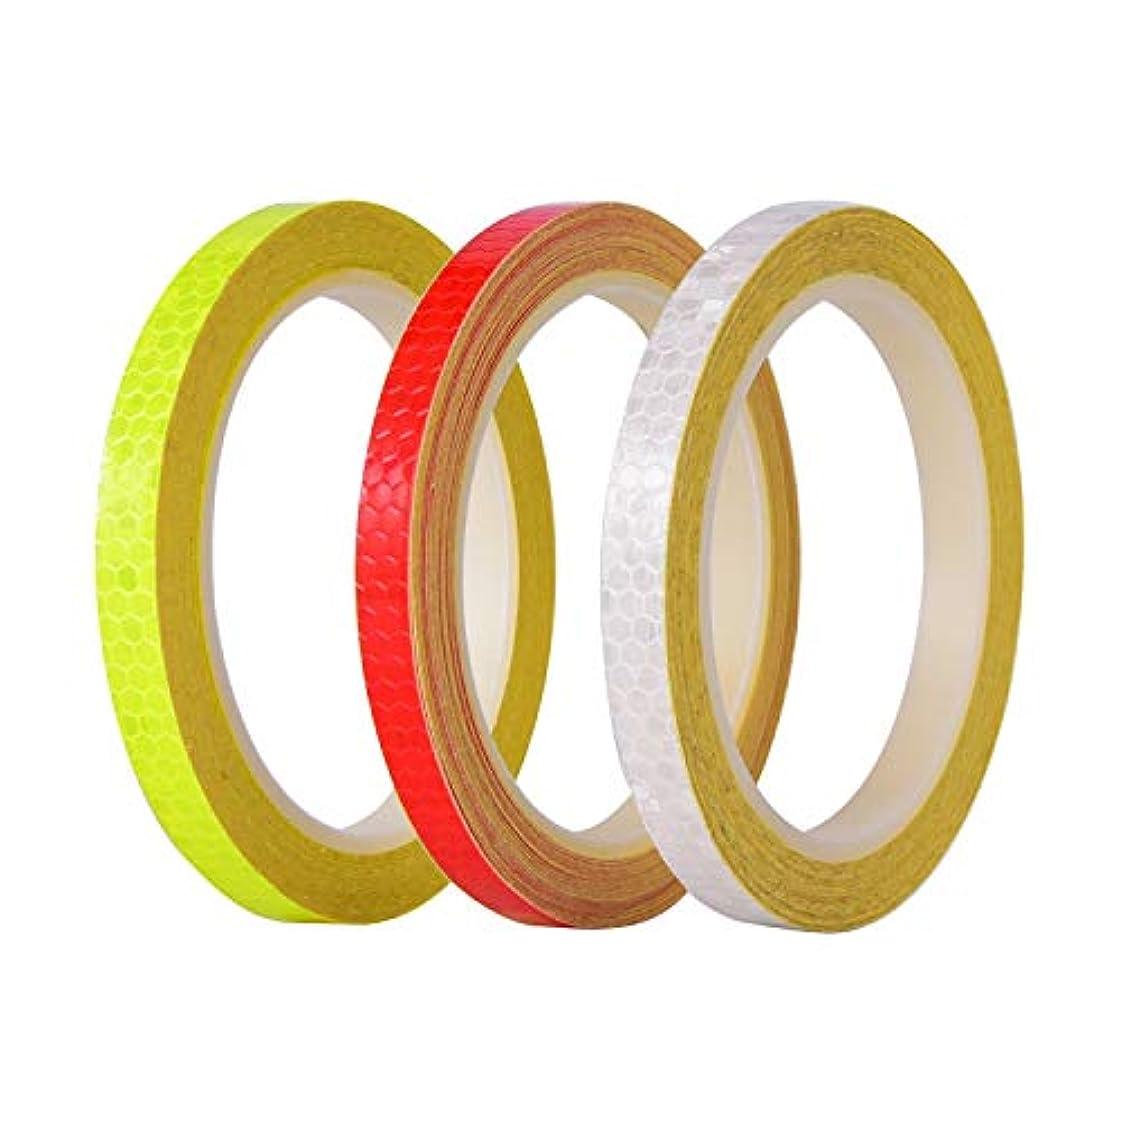 ボイコットギャップ人里離れた全反射テープで26ヤードマイクロプリズムシート安全反射テープ、 自転車 アクセサリー (色 : 3PCS)